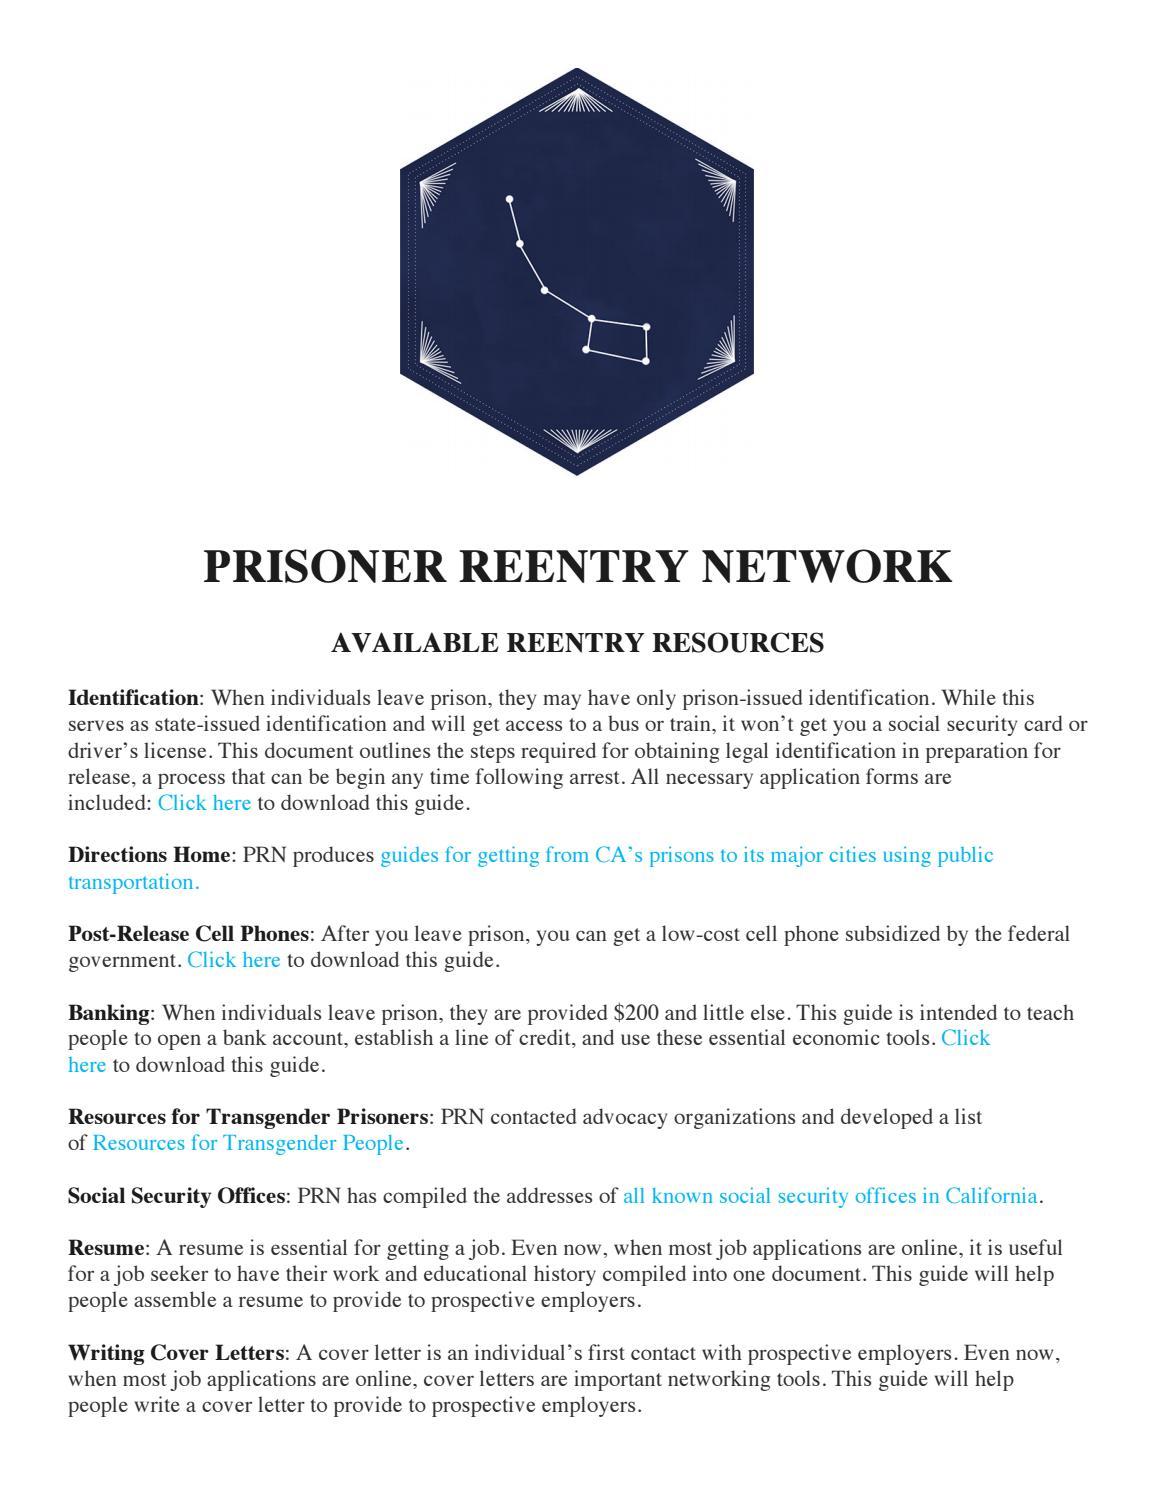 Prisoner reentry network resource list by prisonerreentrynetwork - issuu